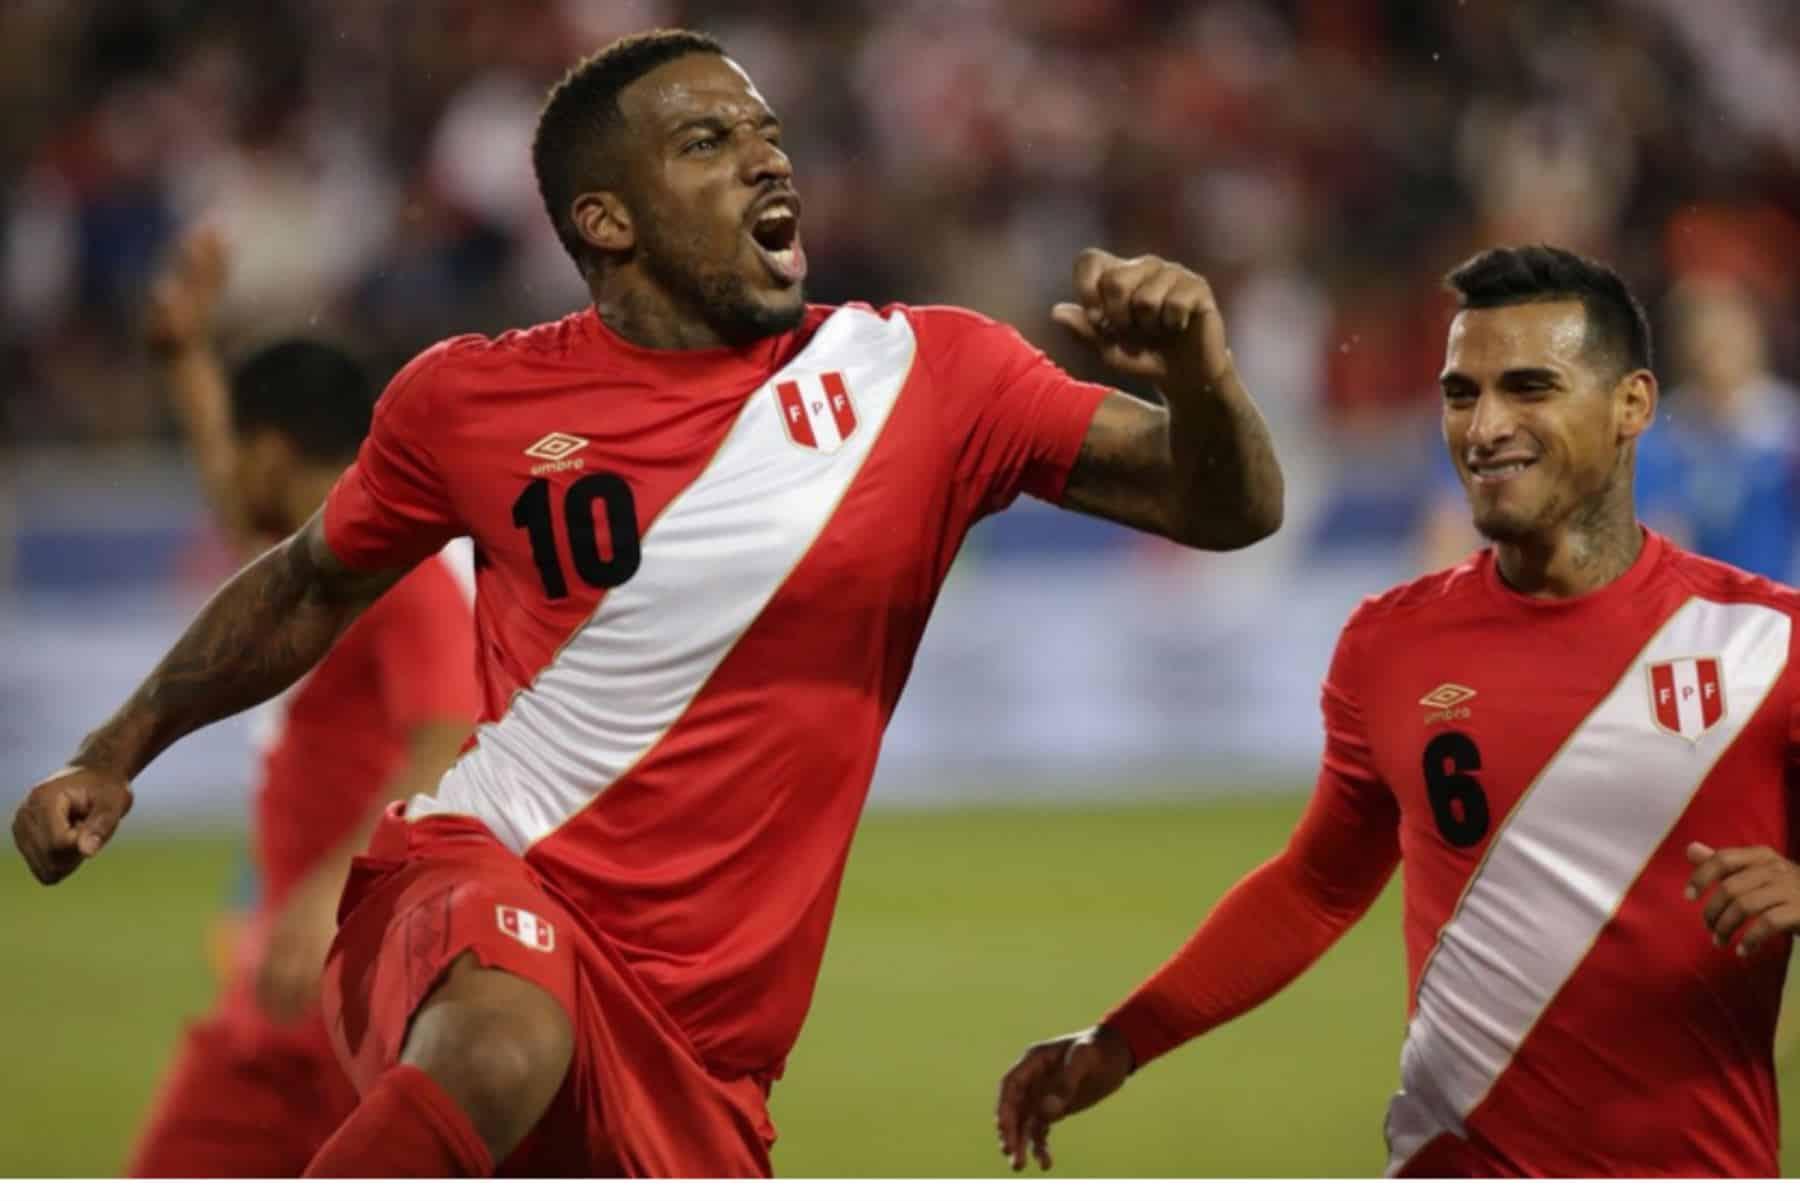 peru fc soccer team 2019